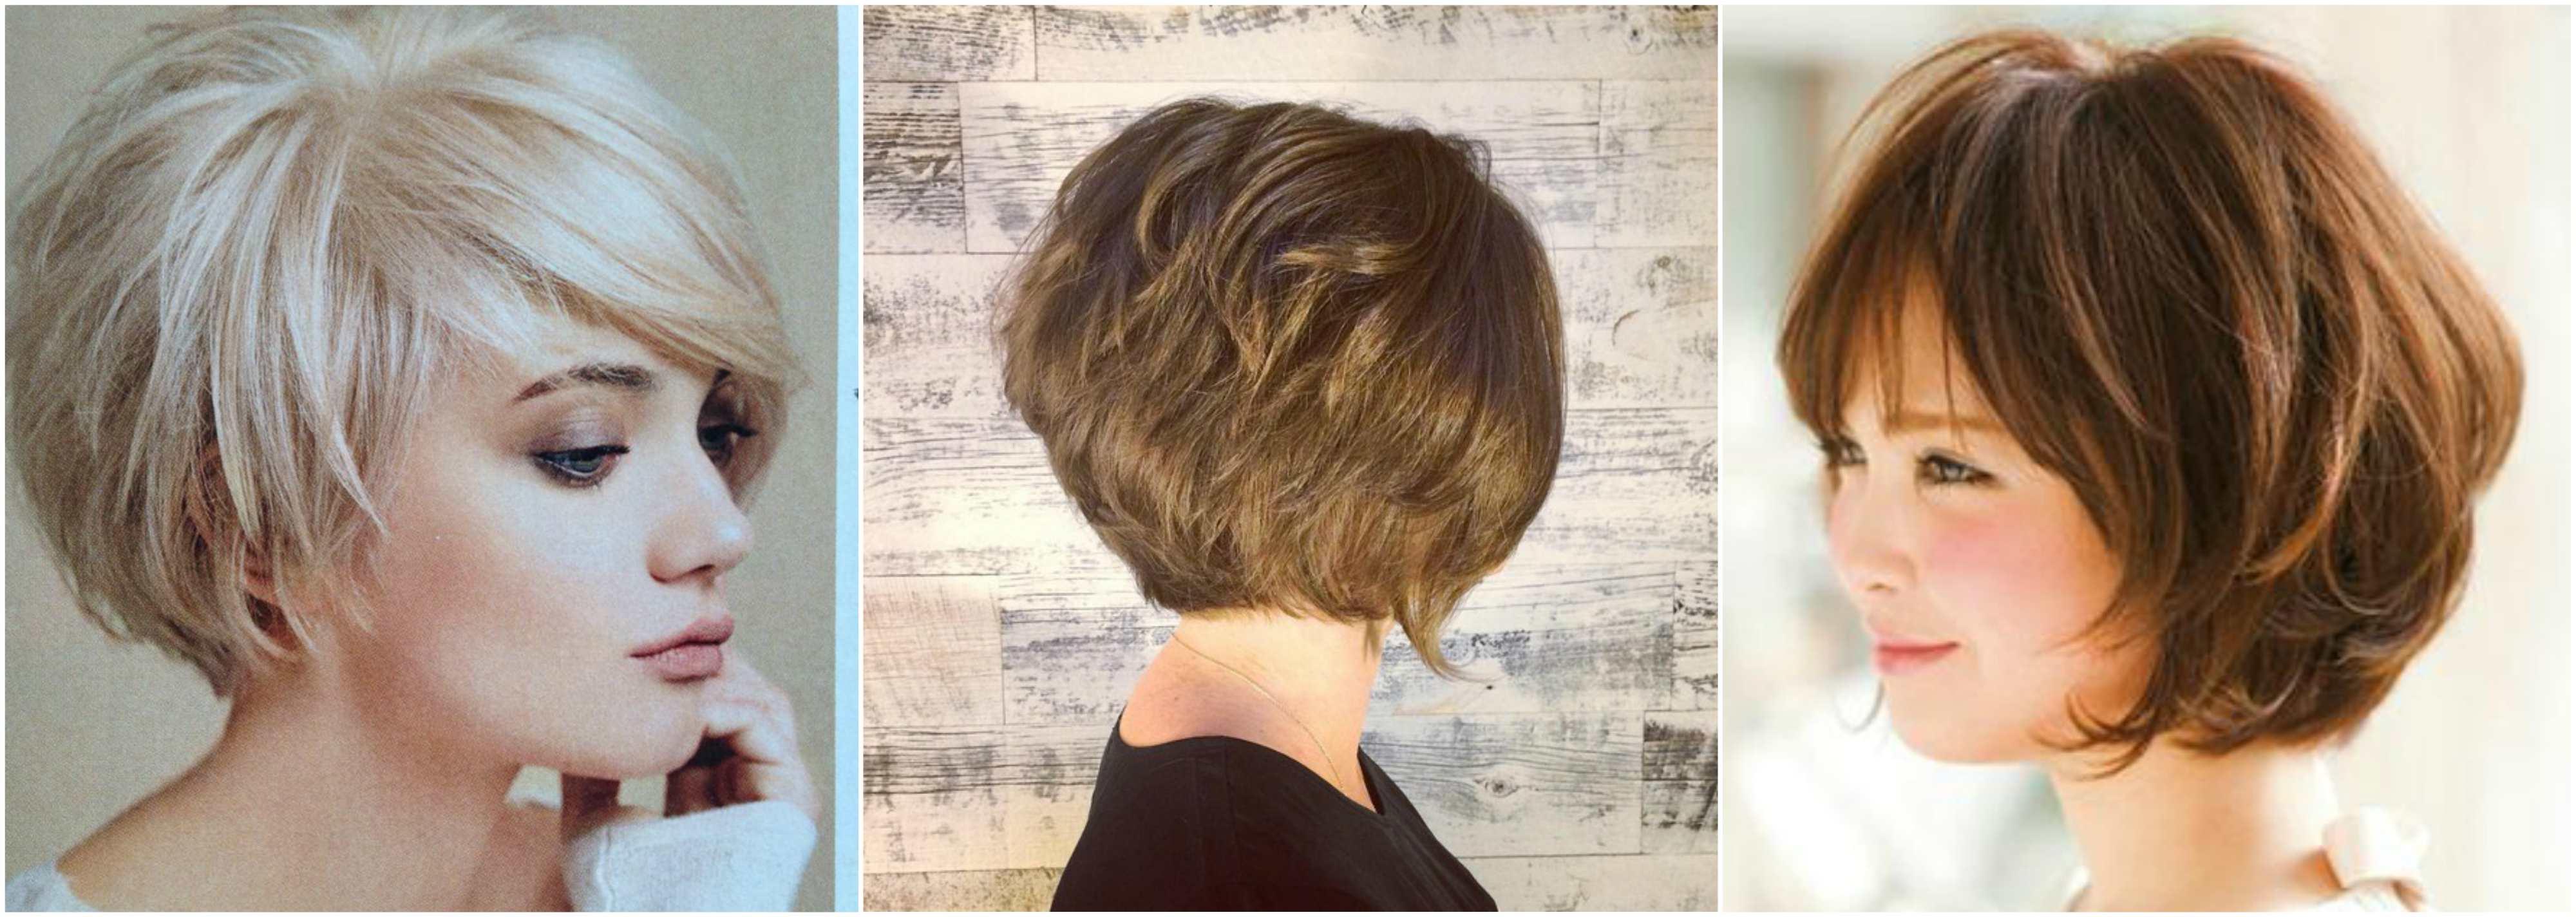 tóc ngắn cho công sở